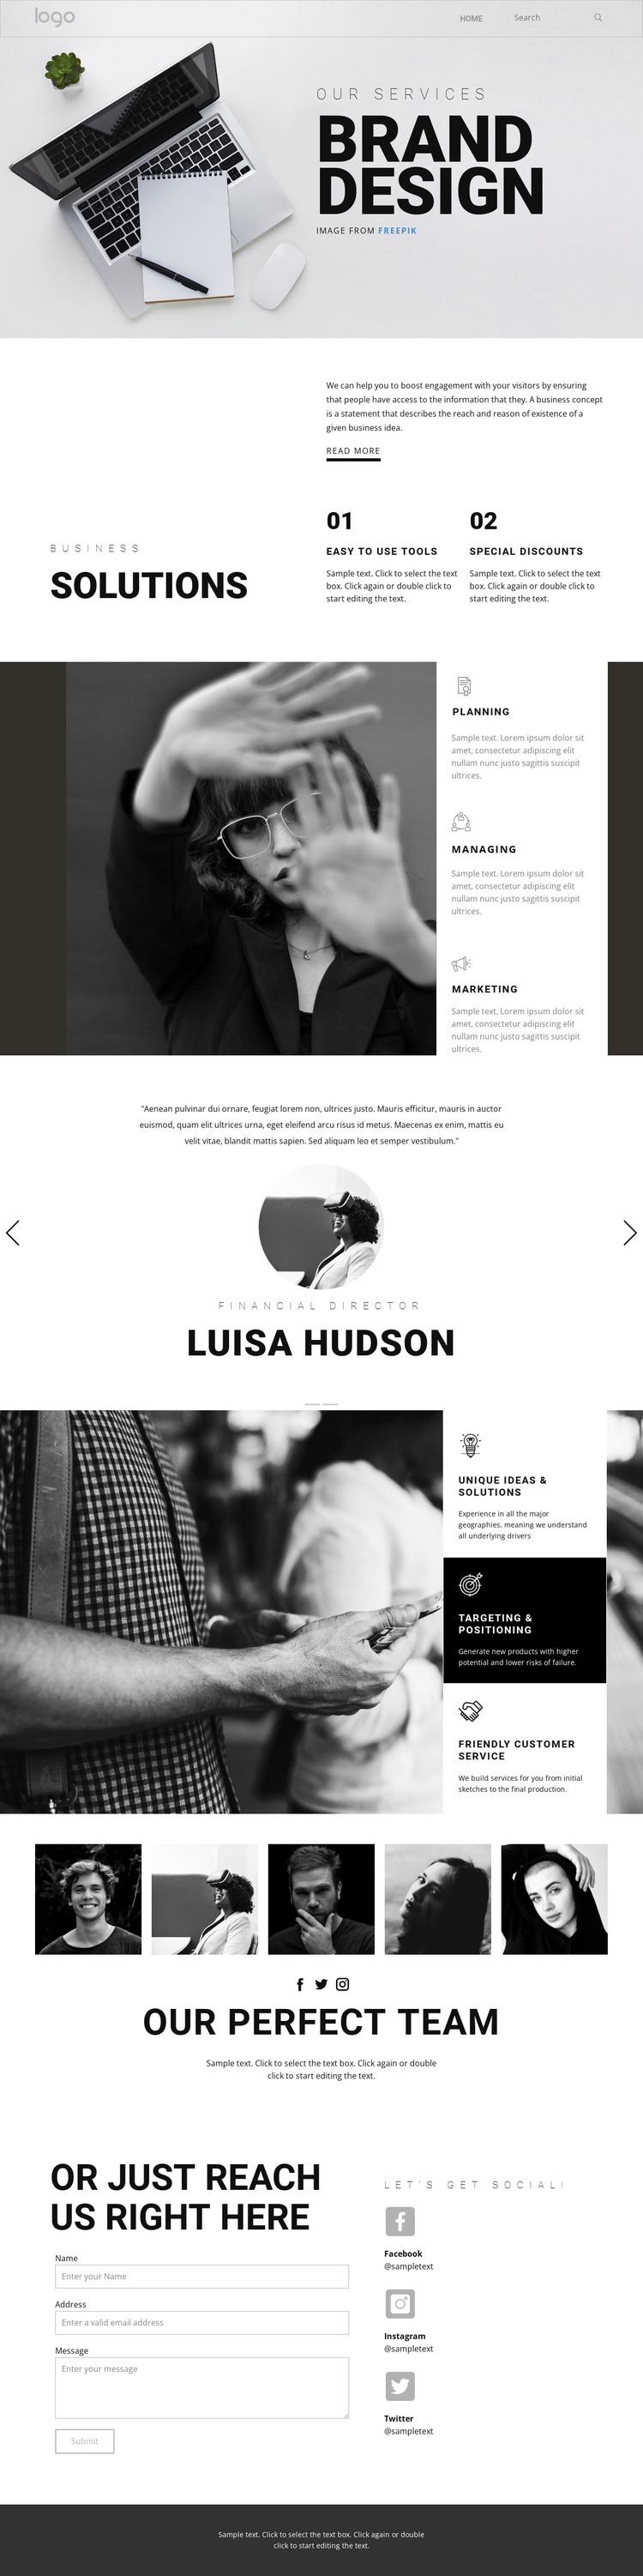 Doing branding for business Web Design